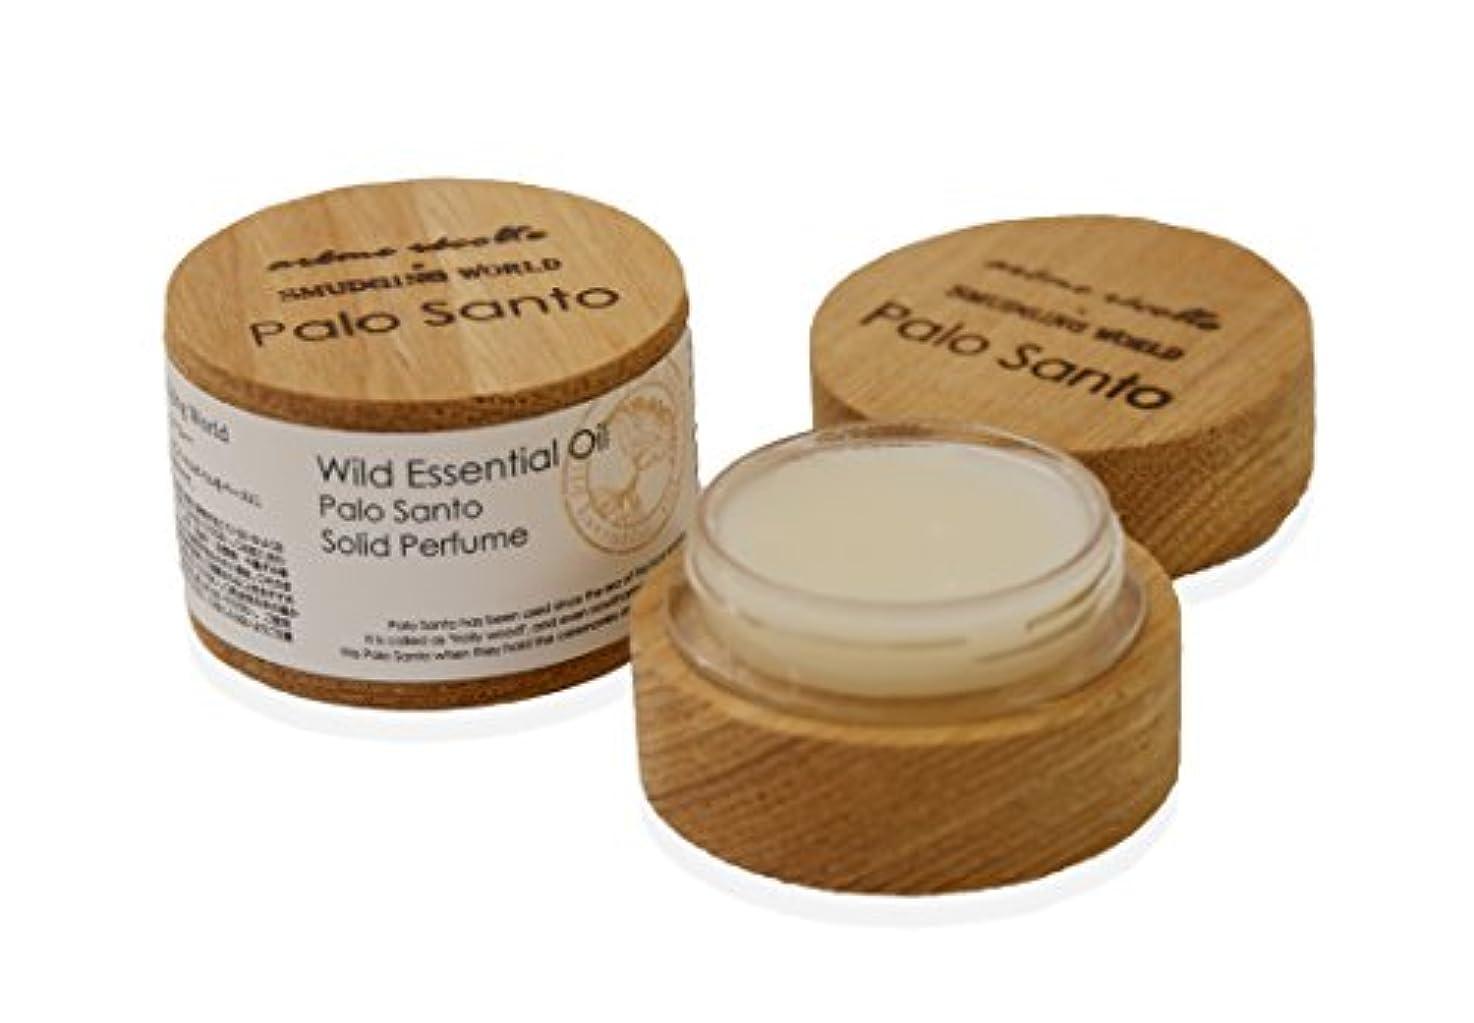 割り当てますサミュエルトランジスタアロマレコルト ソリッドパフューム パロサント 【Palo Santo】 ワイルド エッセンシャルオイル wild essential oil solid parfum arome recolte